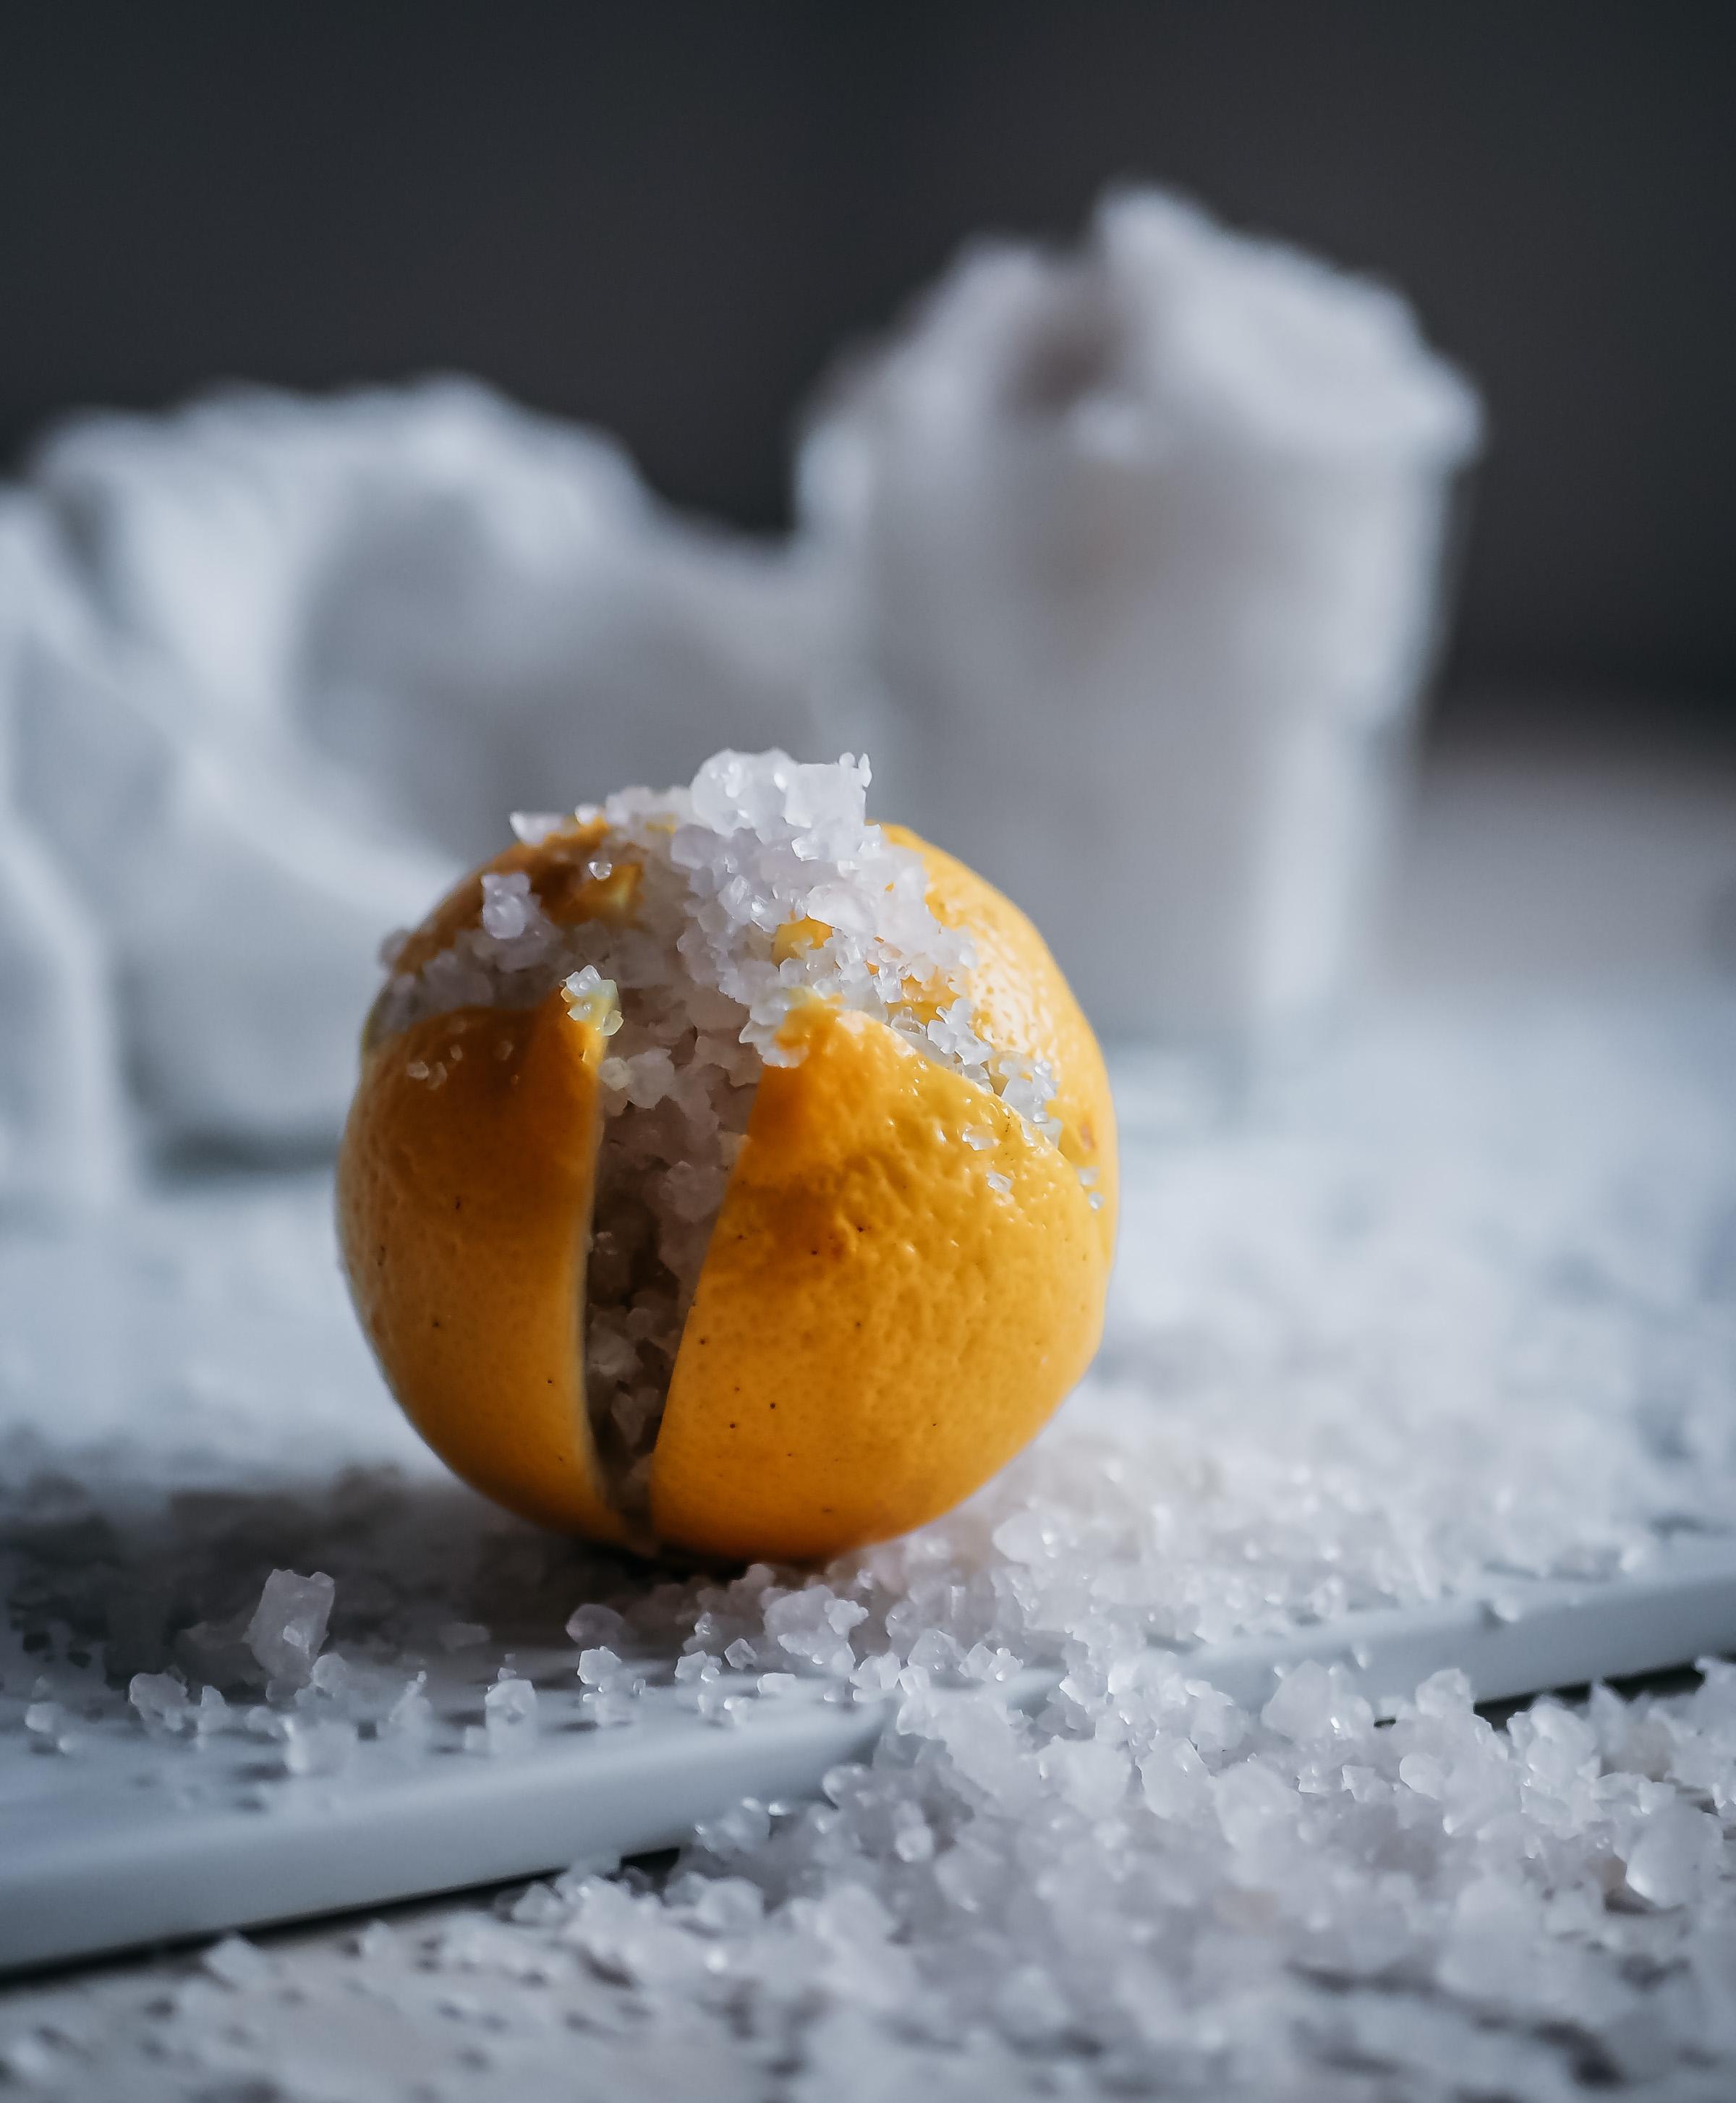 suolaan säilötty sitruuna